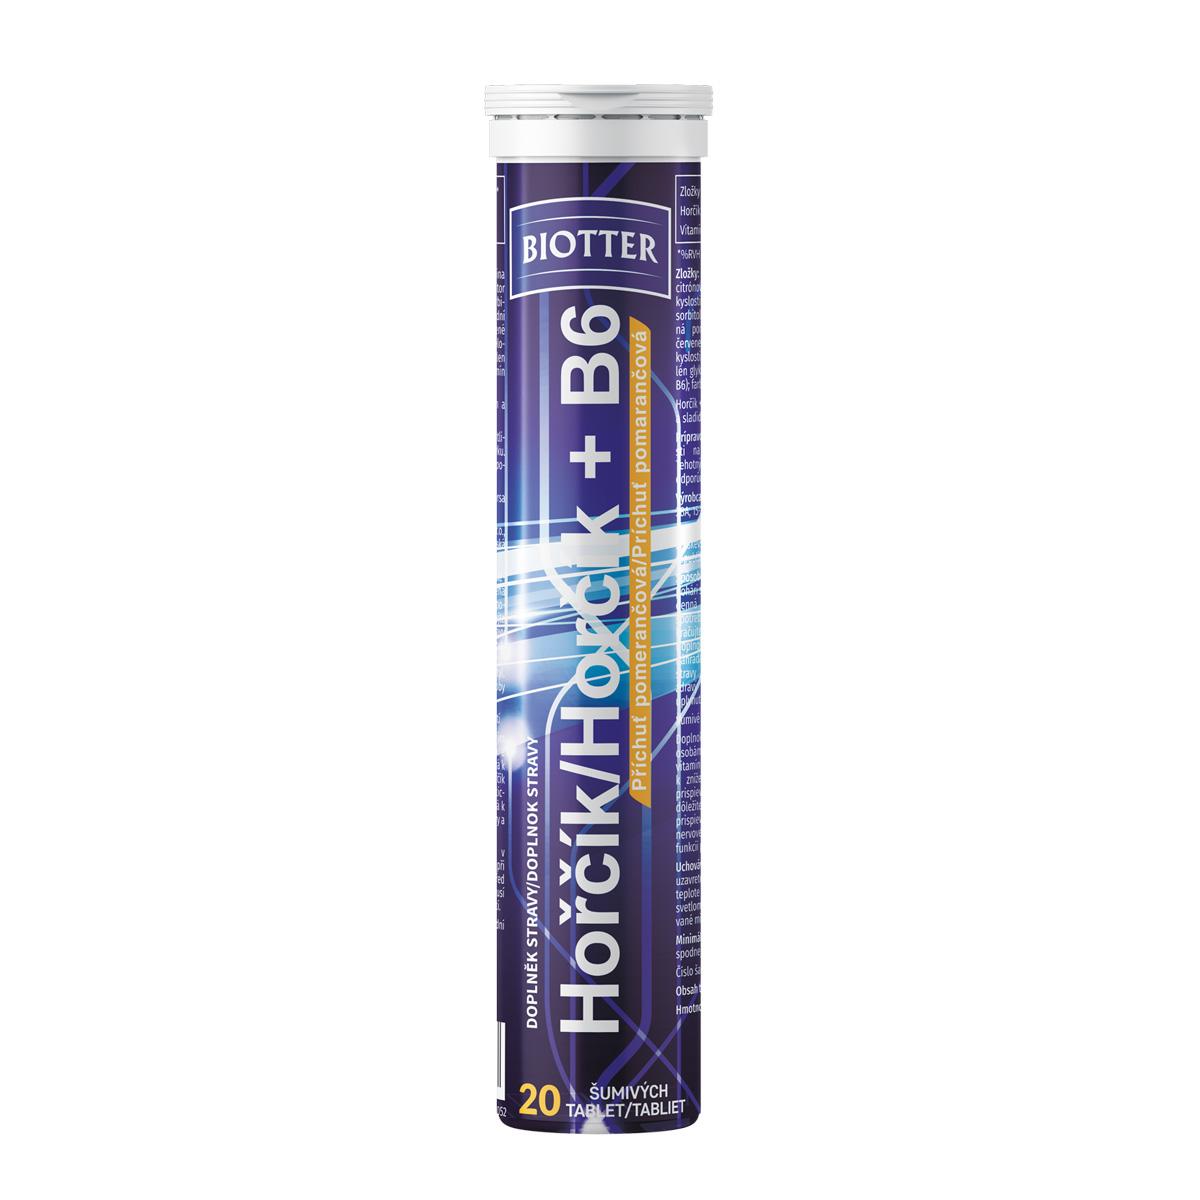 Biotter Hořčík s vitamínem B6 20 ks šumivých tablet